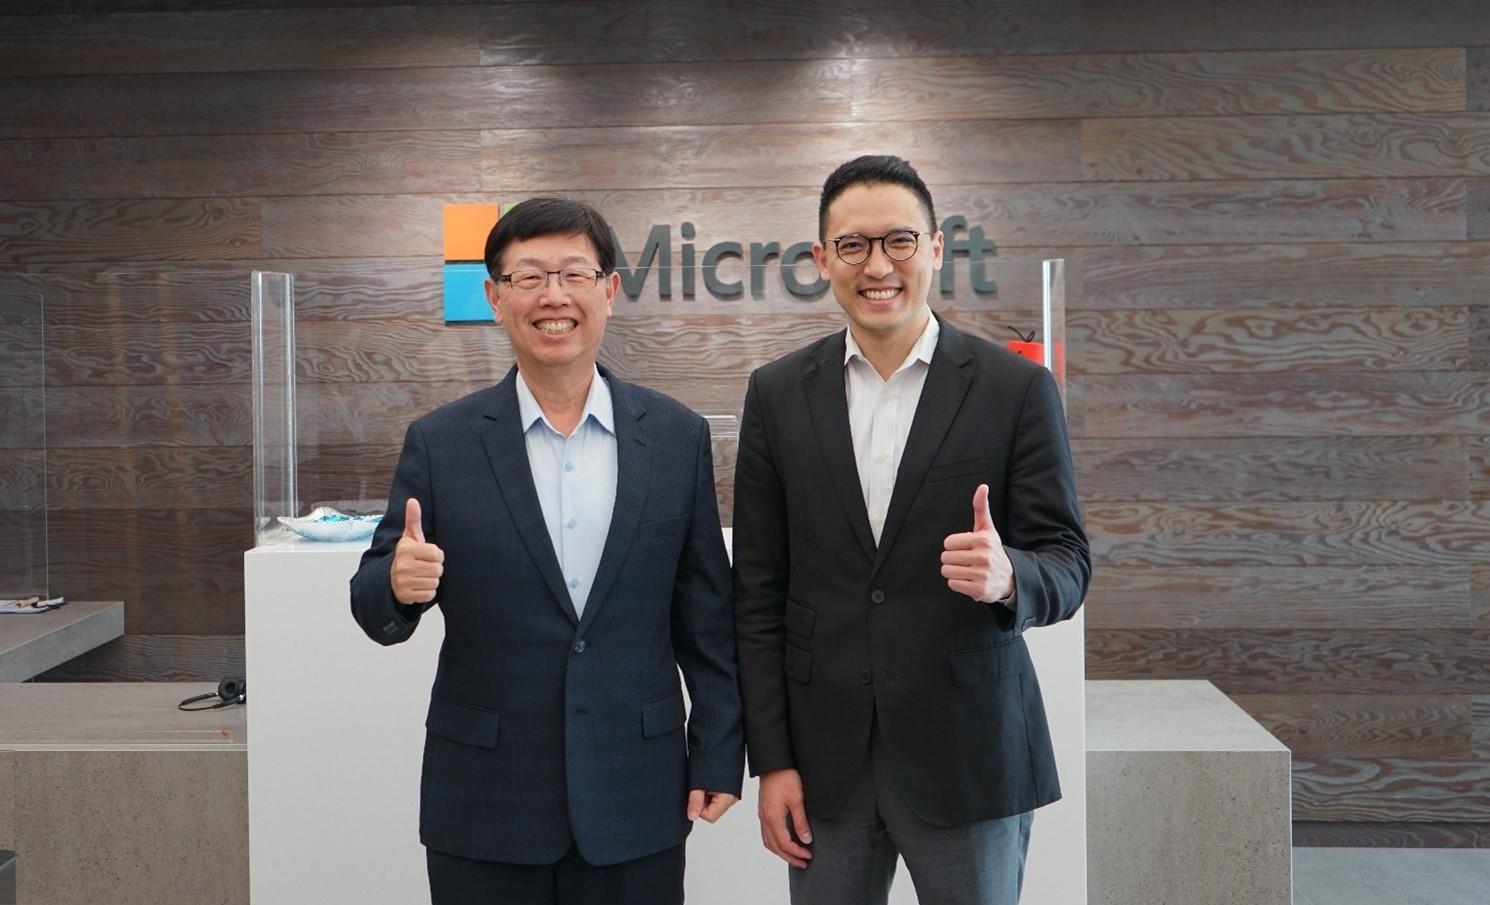 微軟與鴻海啟動三大合作 攜手定向「智」造新未來